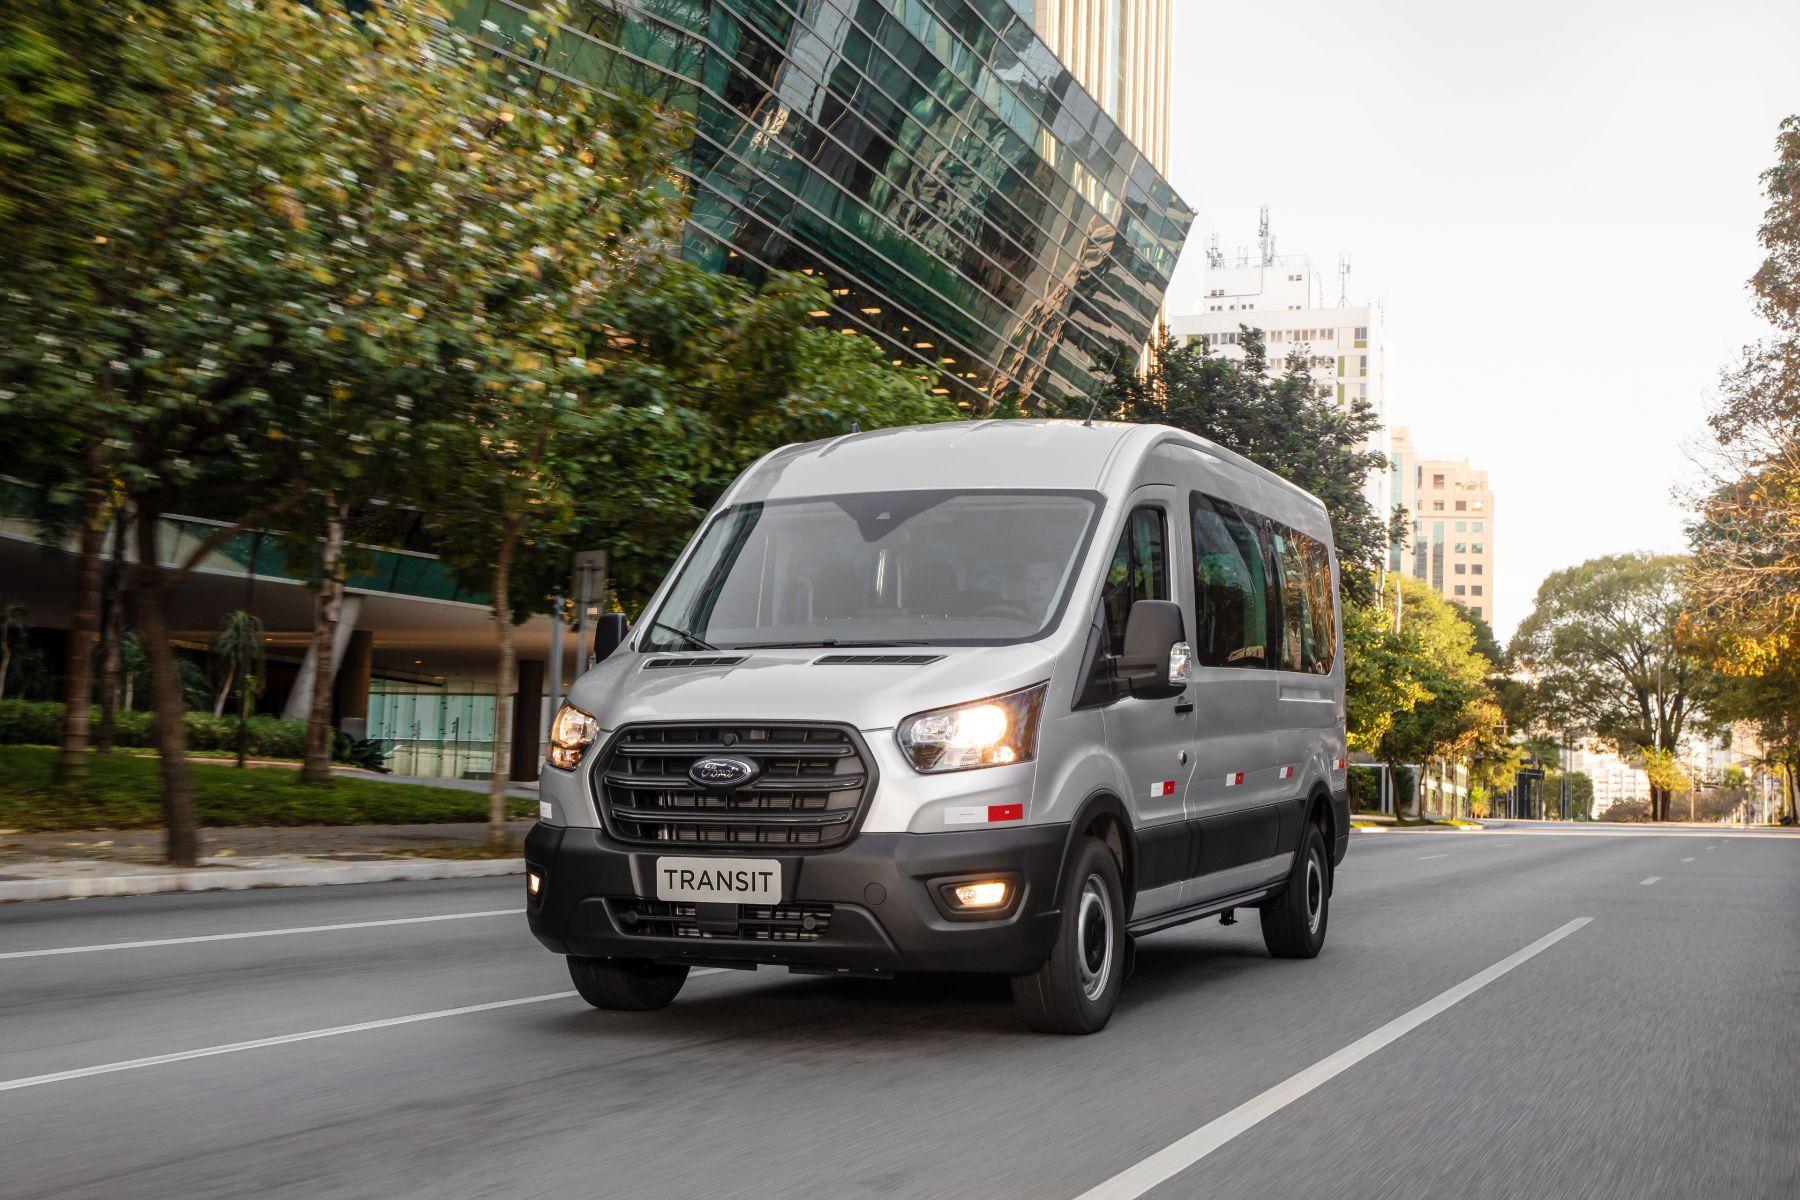 ford transit minibus frente prata em movimento cidade